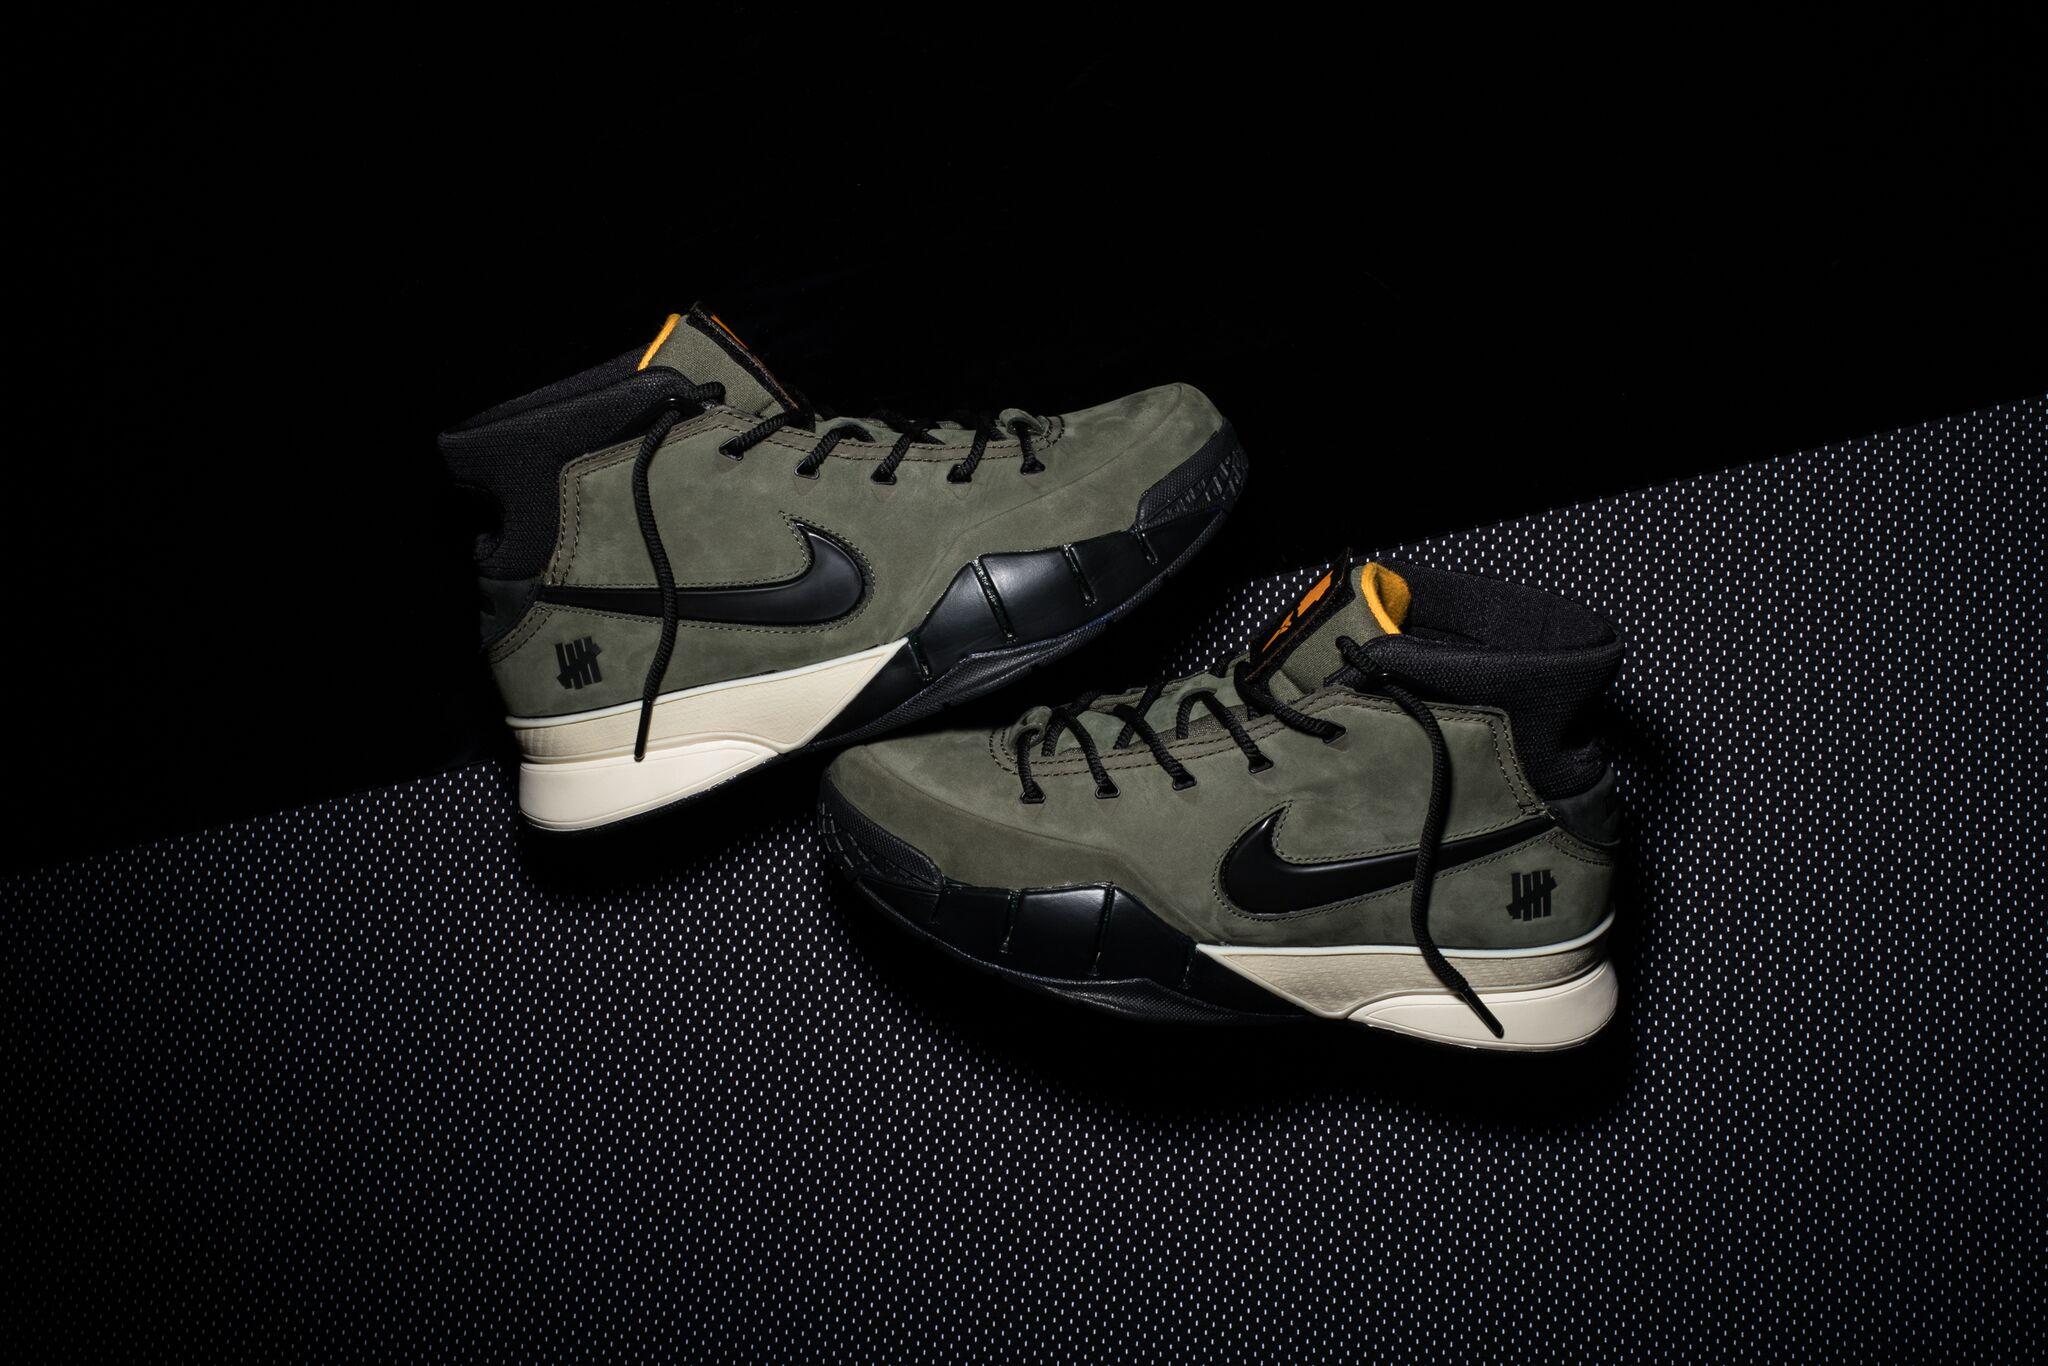 dba5c602d55d Nike-Kobe-1-Protro-UNDFTD-Flight-Jacket-4 - WearTesters